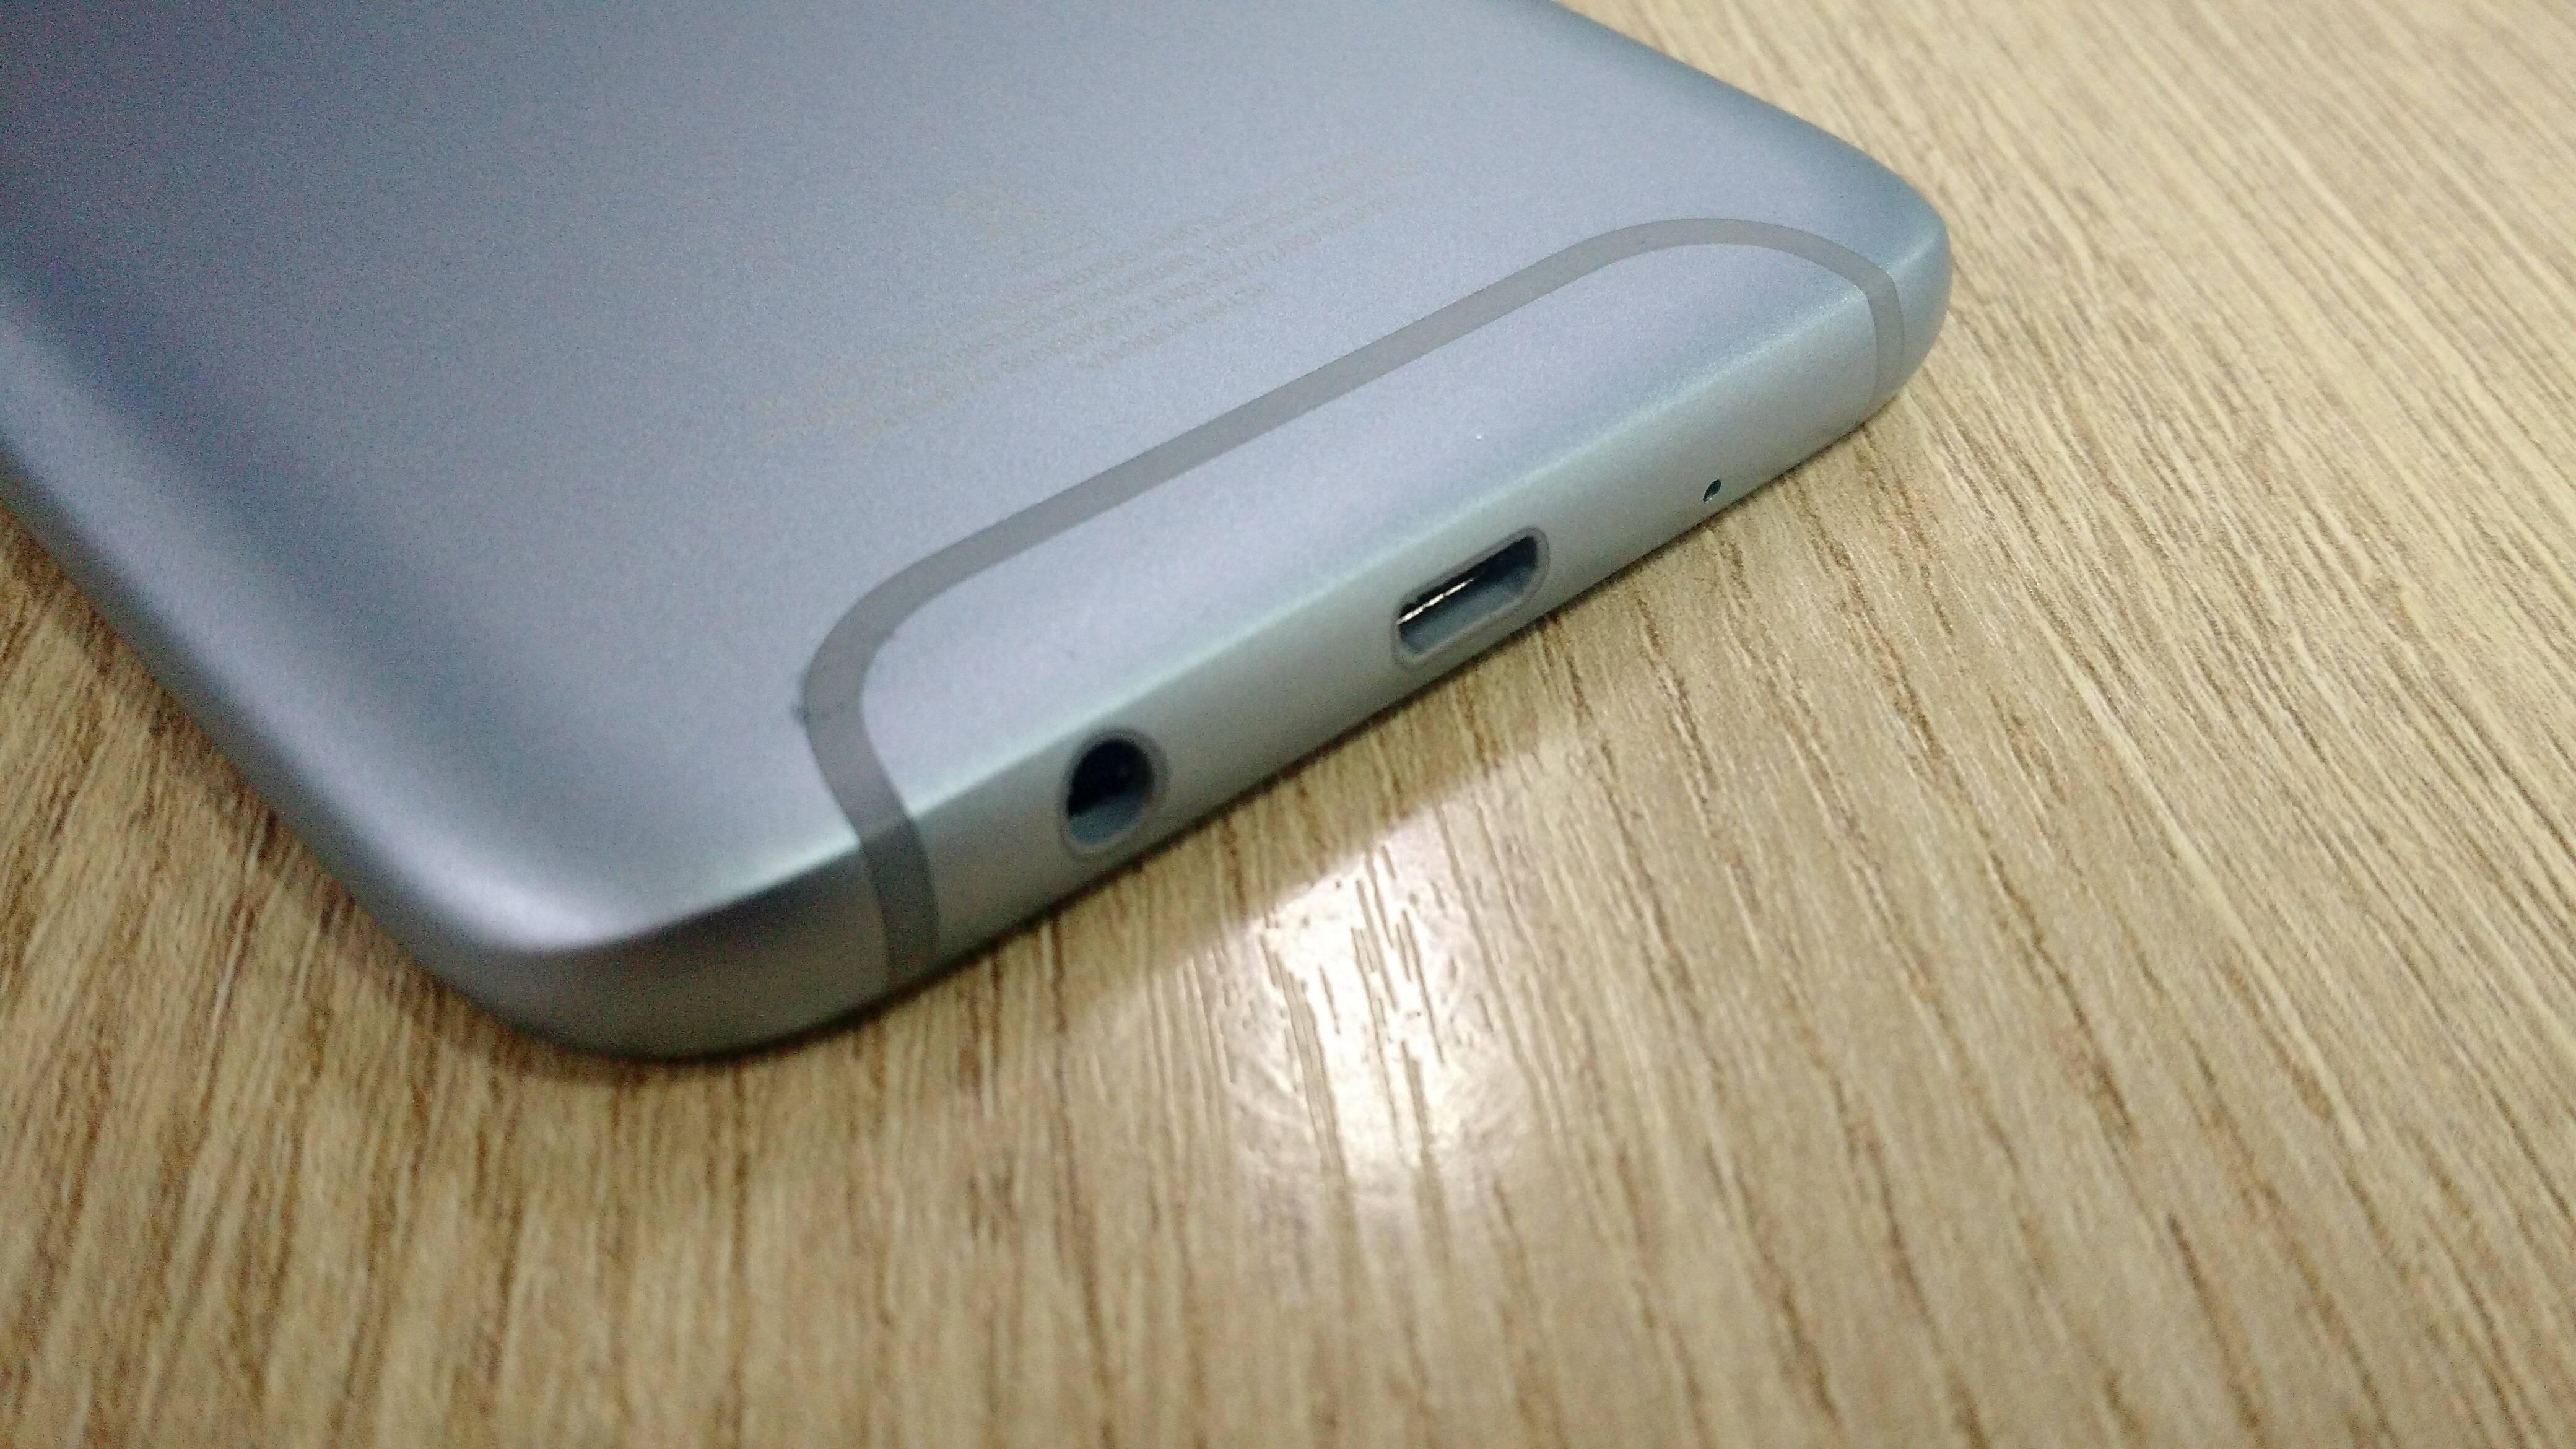 Galaxy J7 Pro conta com saída Micro USB e conexão de 3,5 mm para fone de ouvido. Foto: Victor Hugo Silva/Brasil Econômico